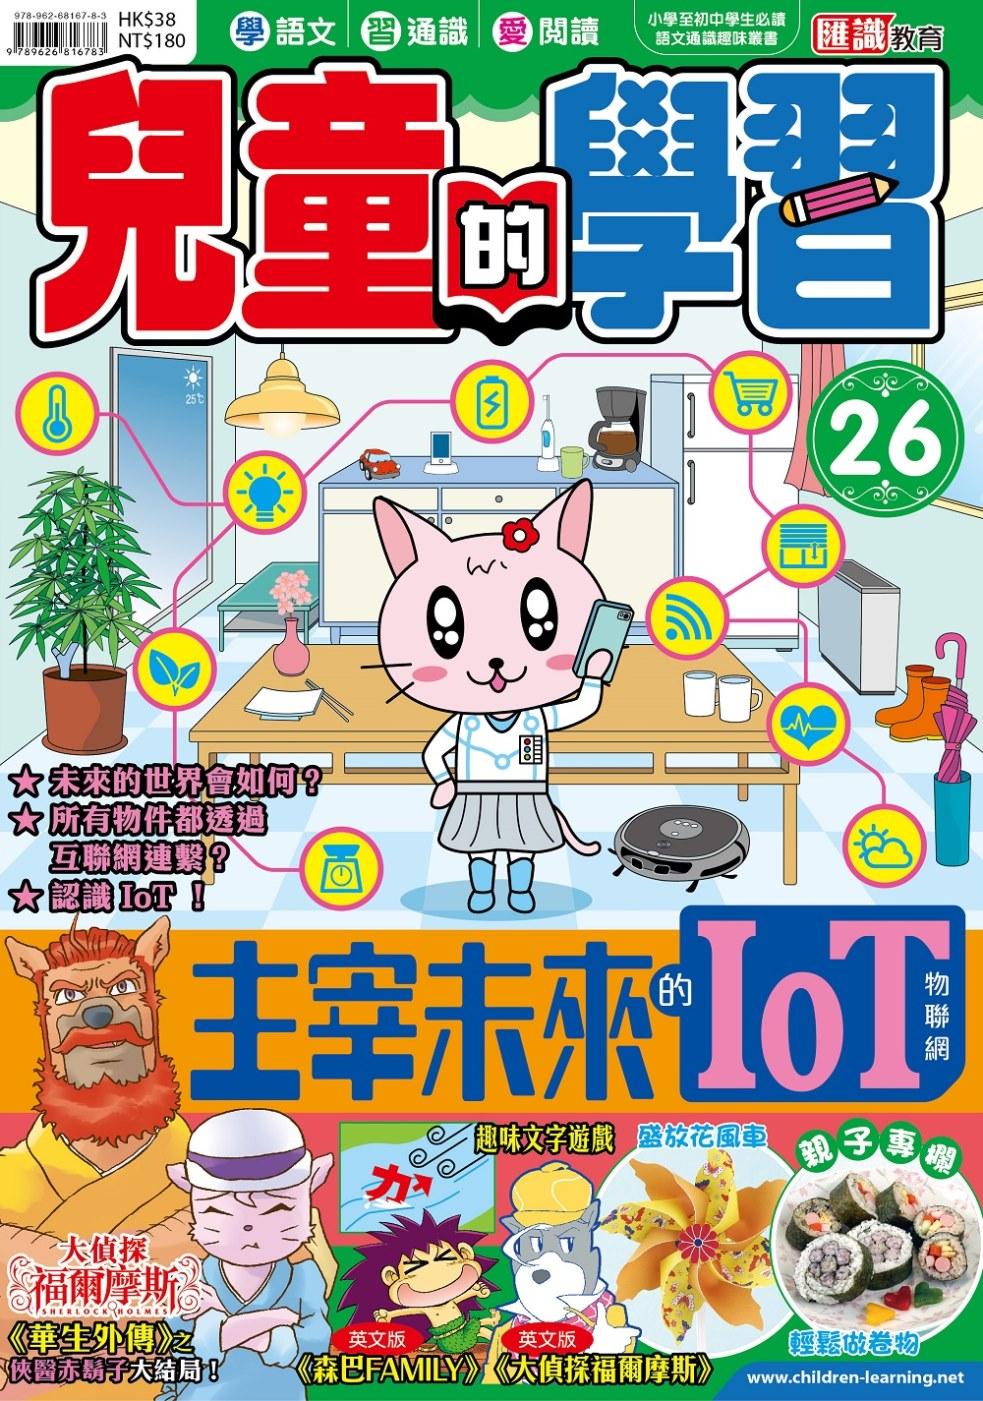 兒童的學習26 之 主宰未來的IoT